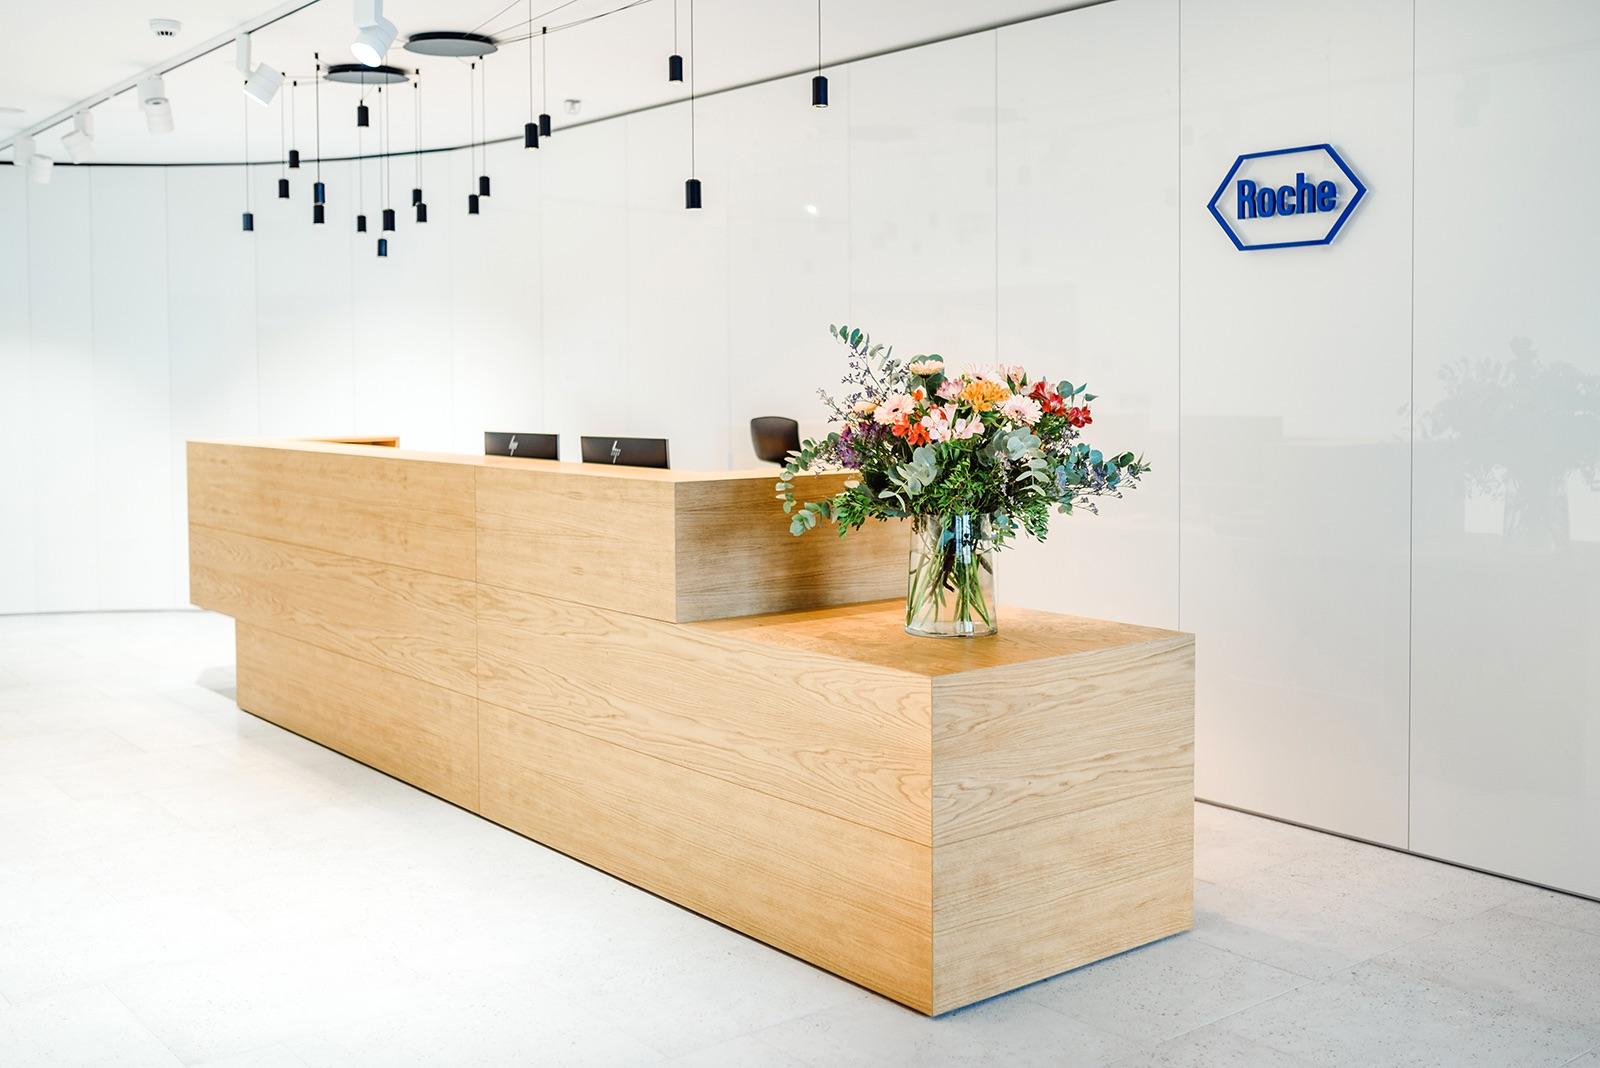 roche-bratislava-office-2